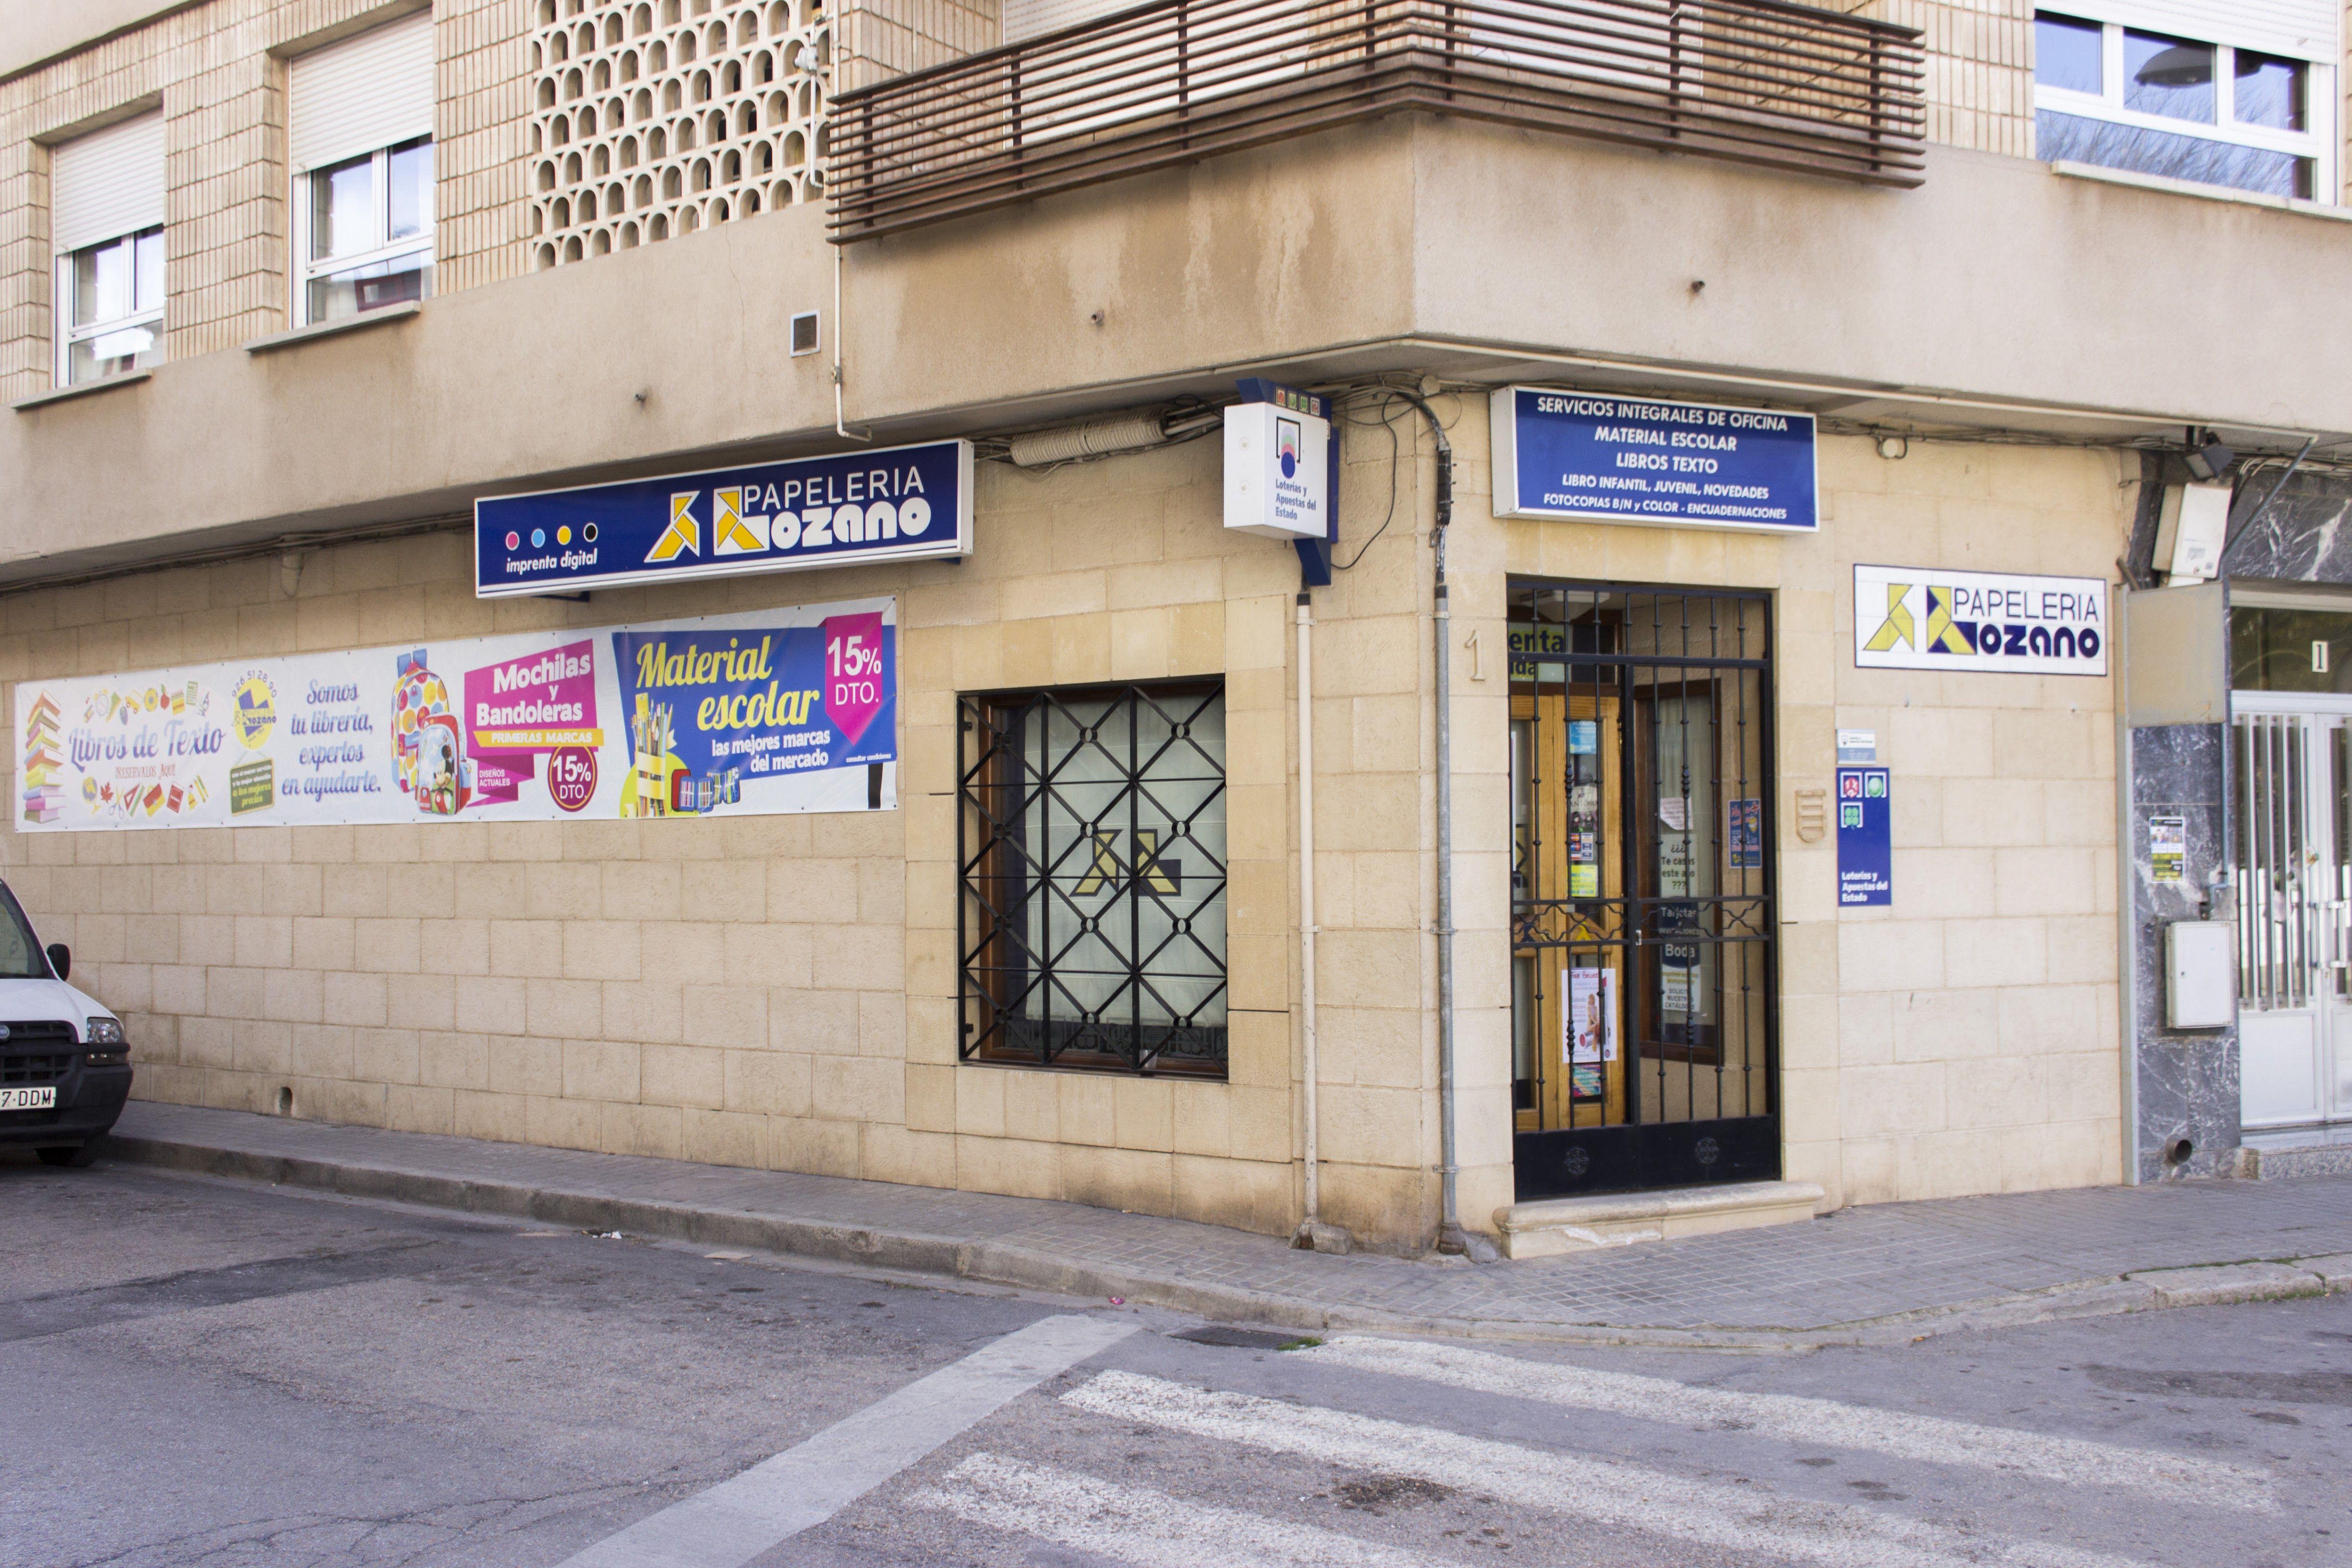 Foto 4 de Papelerías en Tomelloso | Papelería Lozano